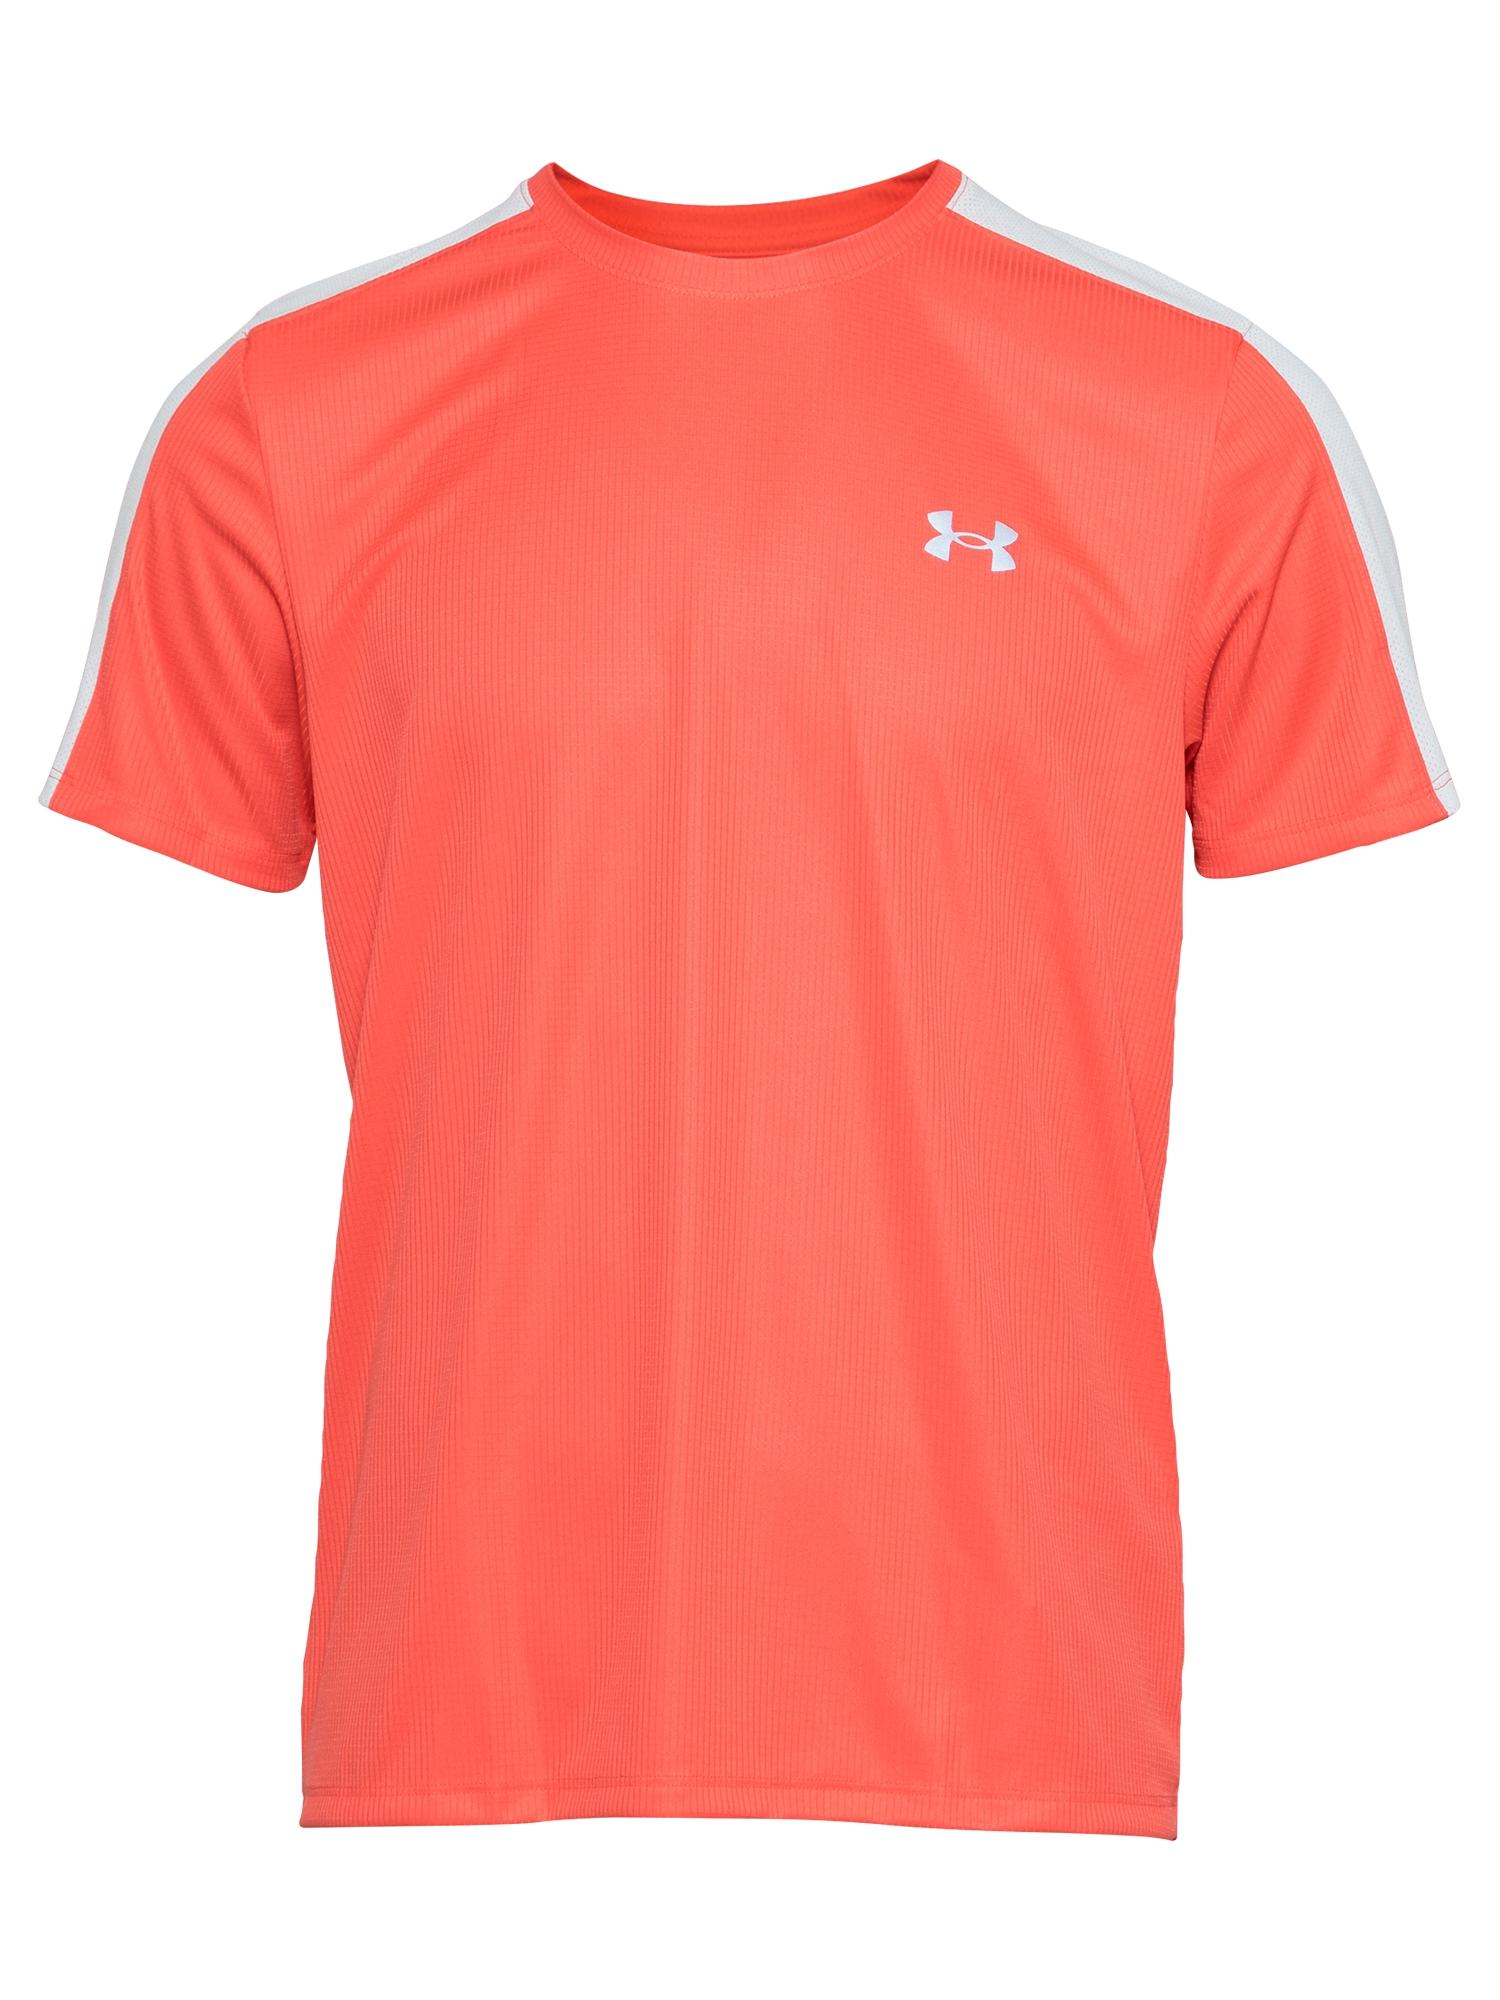 UNDER ARMOUR Marškinėliai raudona / balta